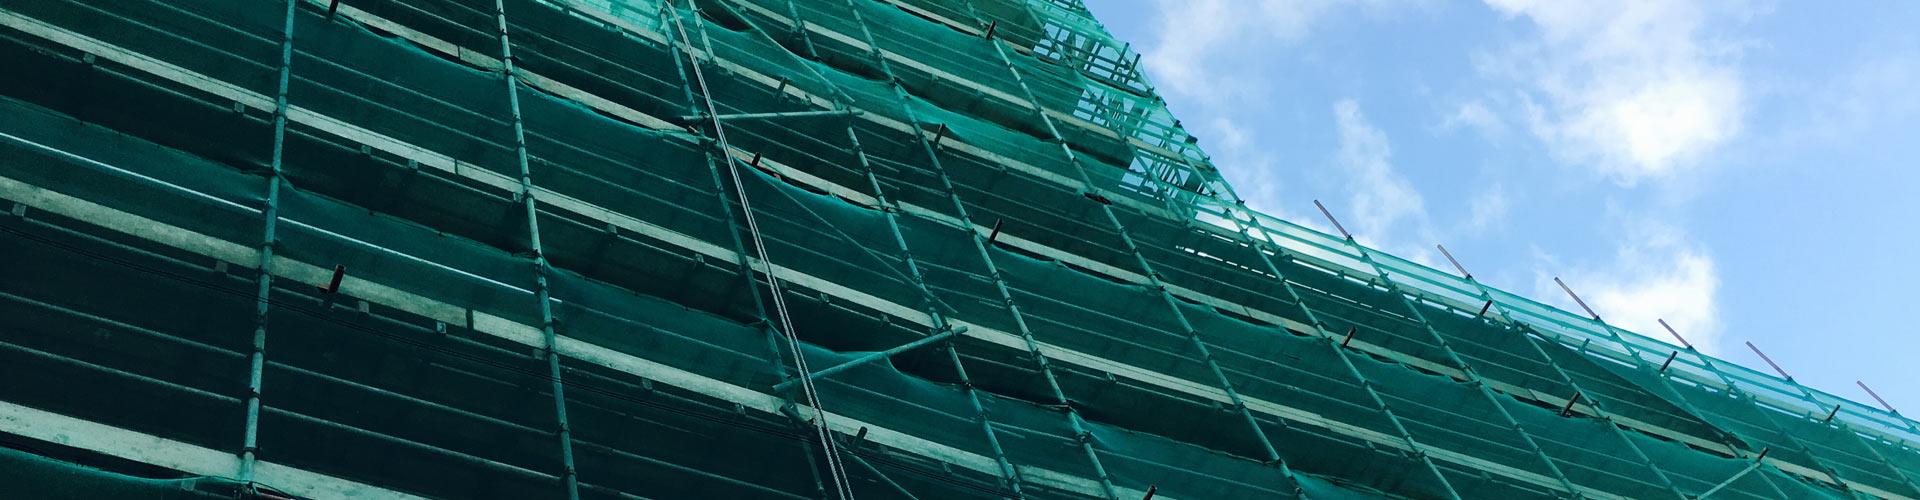 scaffolding debris netting